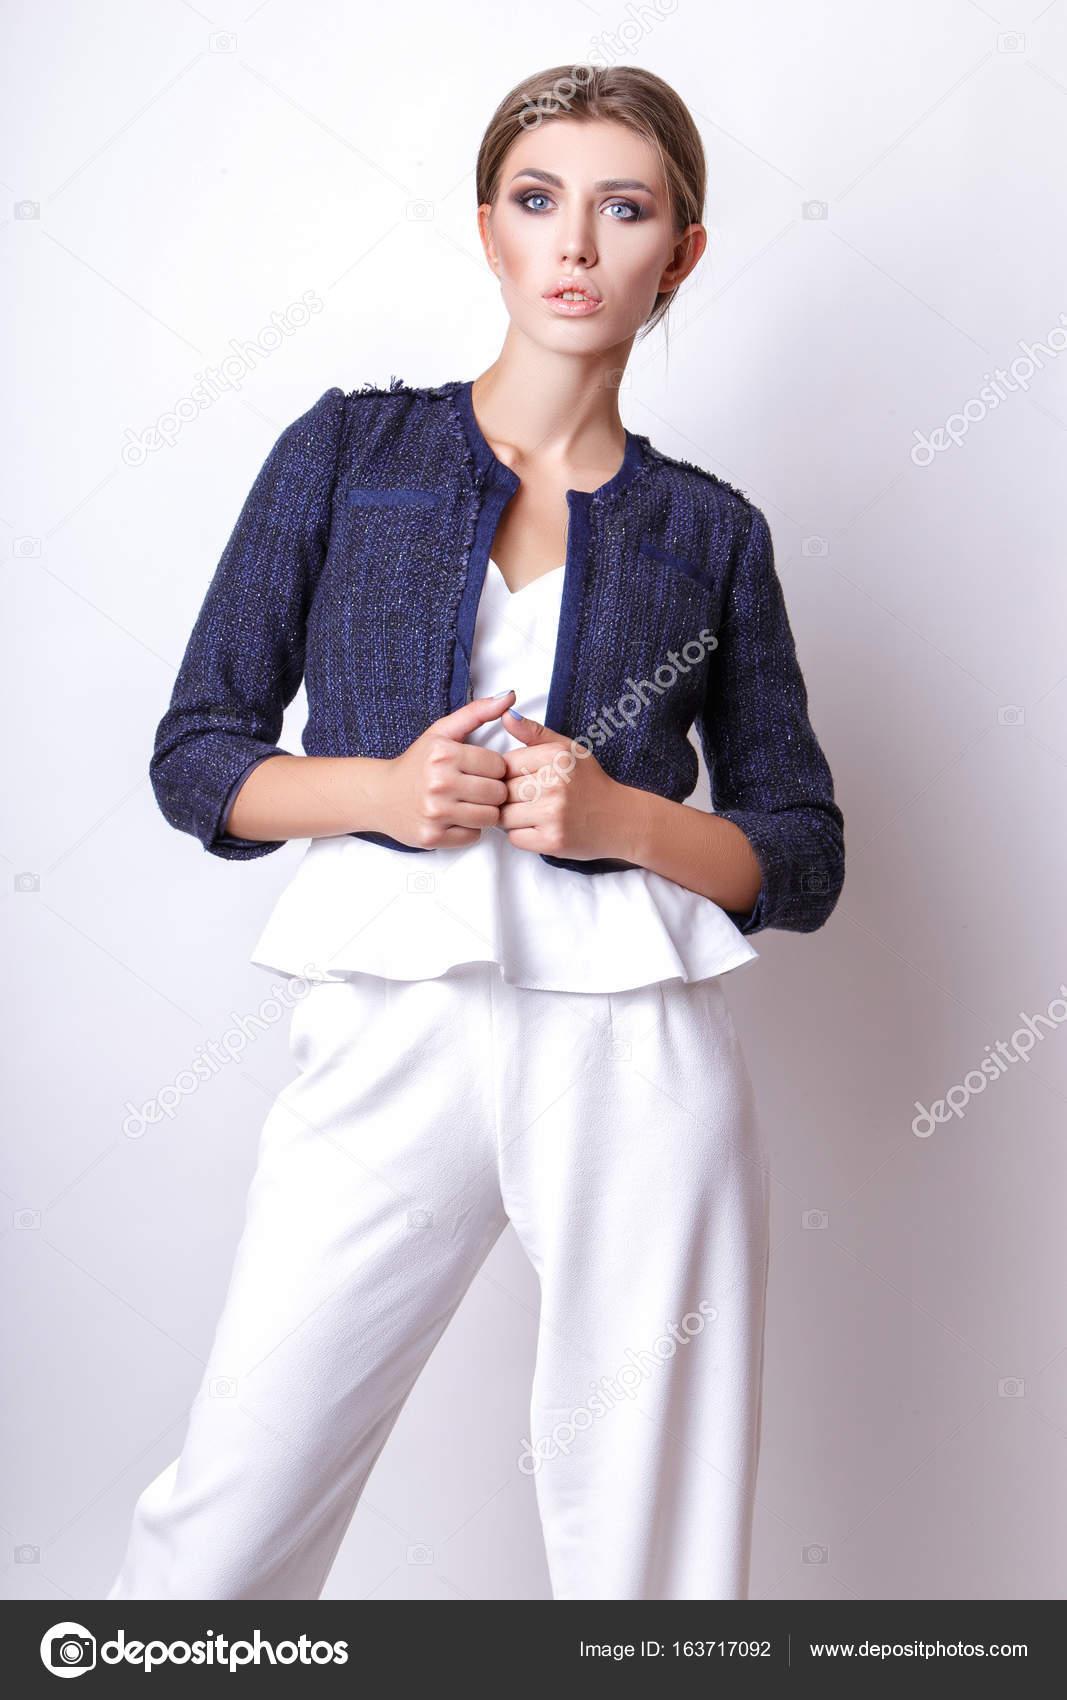 new concept b7e9c 3e111 Ragazza elegante in un abito bianco e giacca blu in studio ...